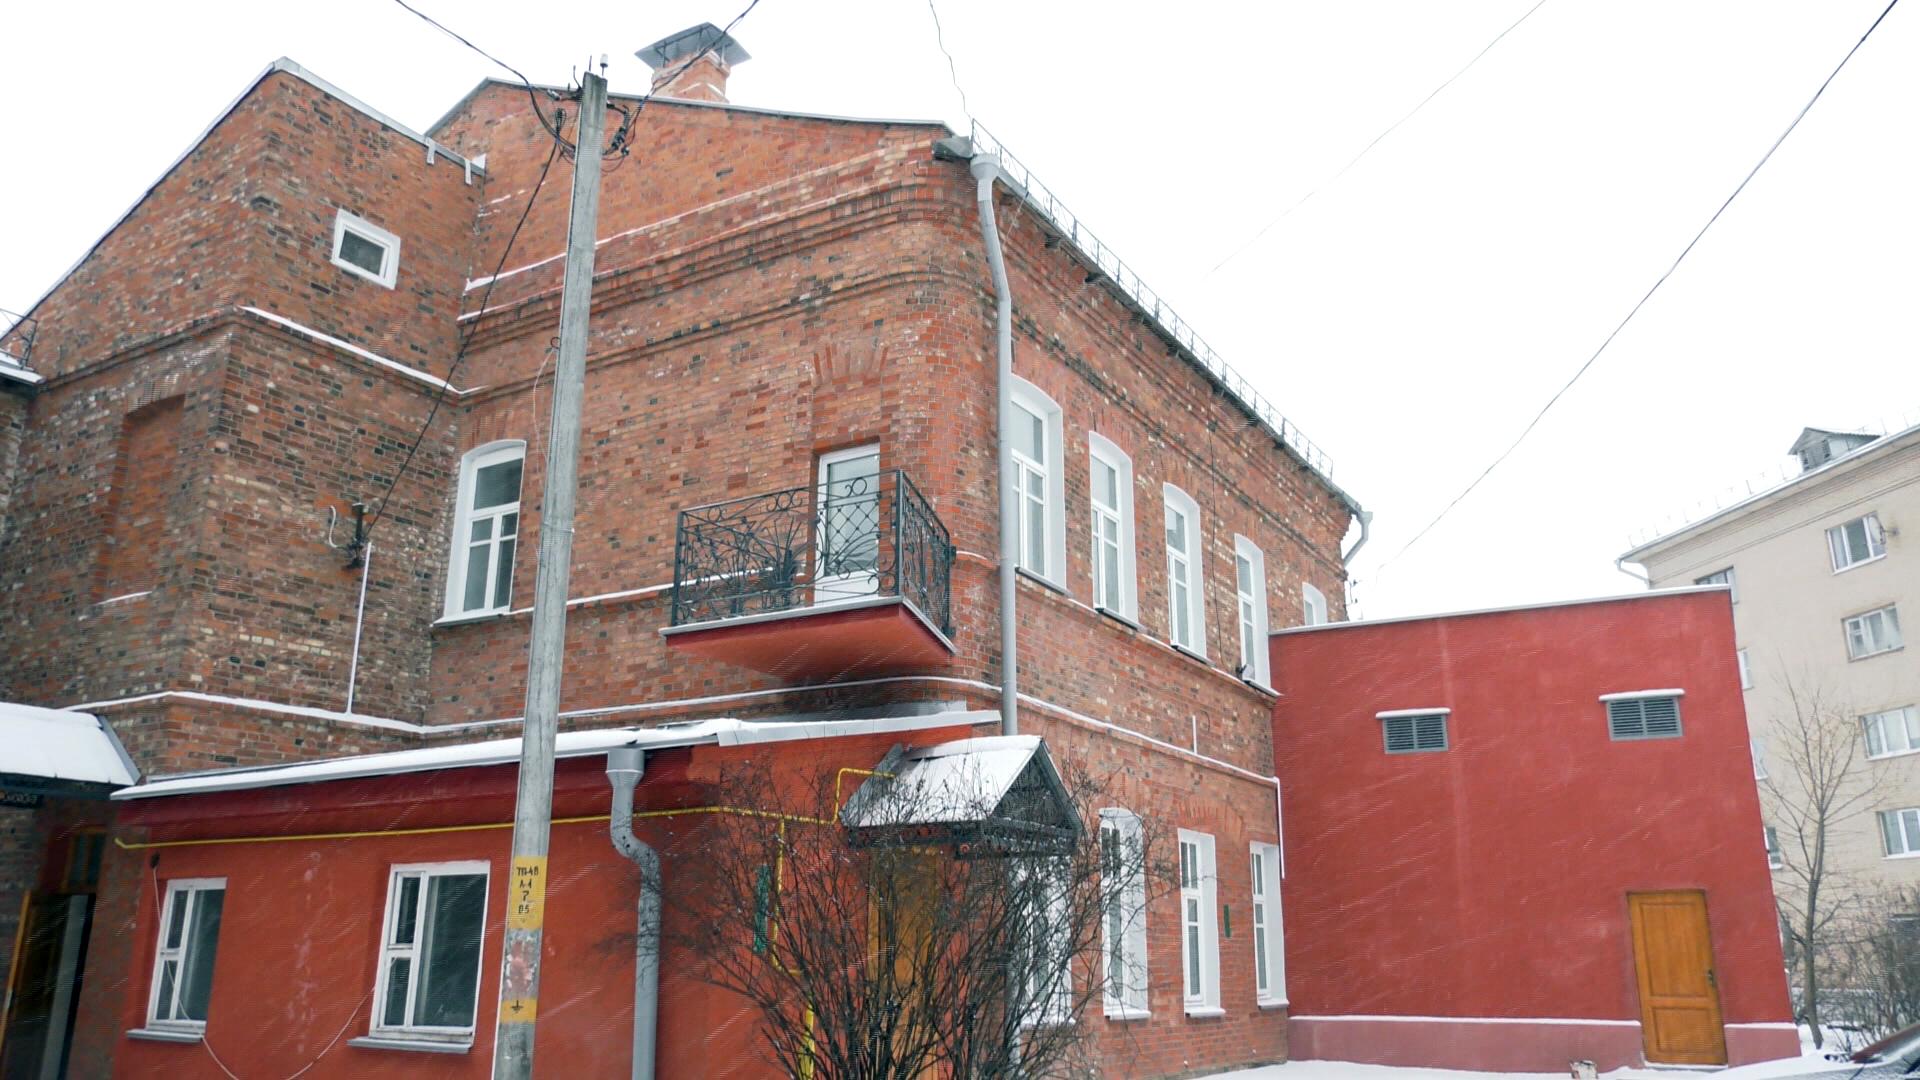 dom na zenkovoj - В Витебске отремонтировали дом-памятник. Жильцы возмущены (видео)